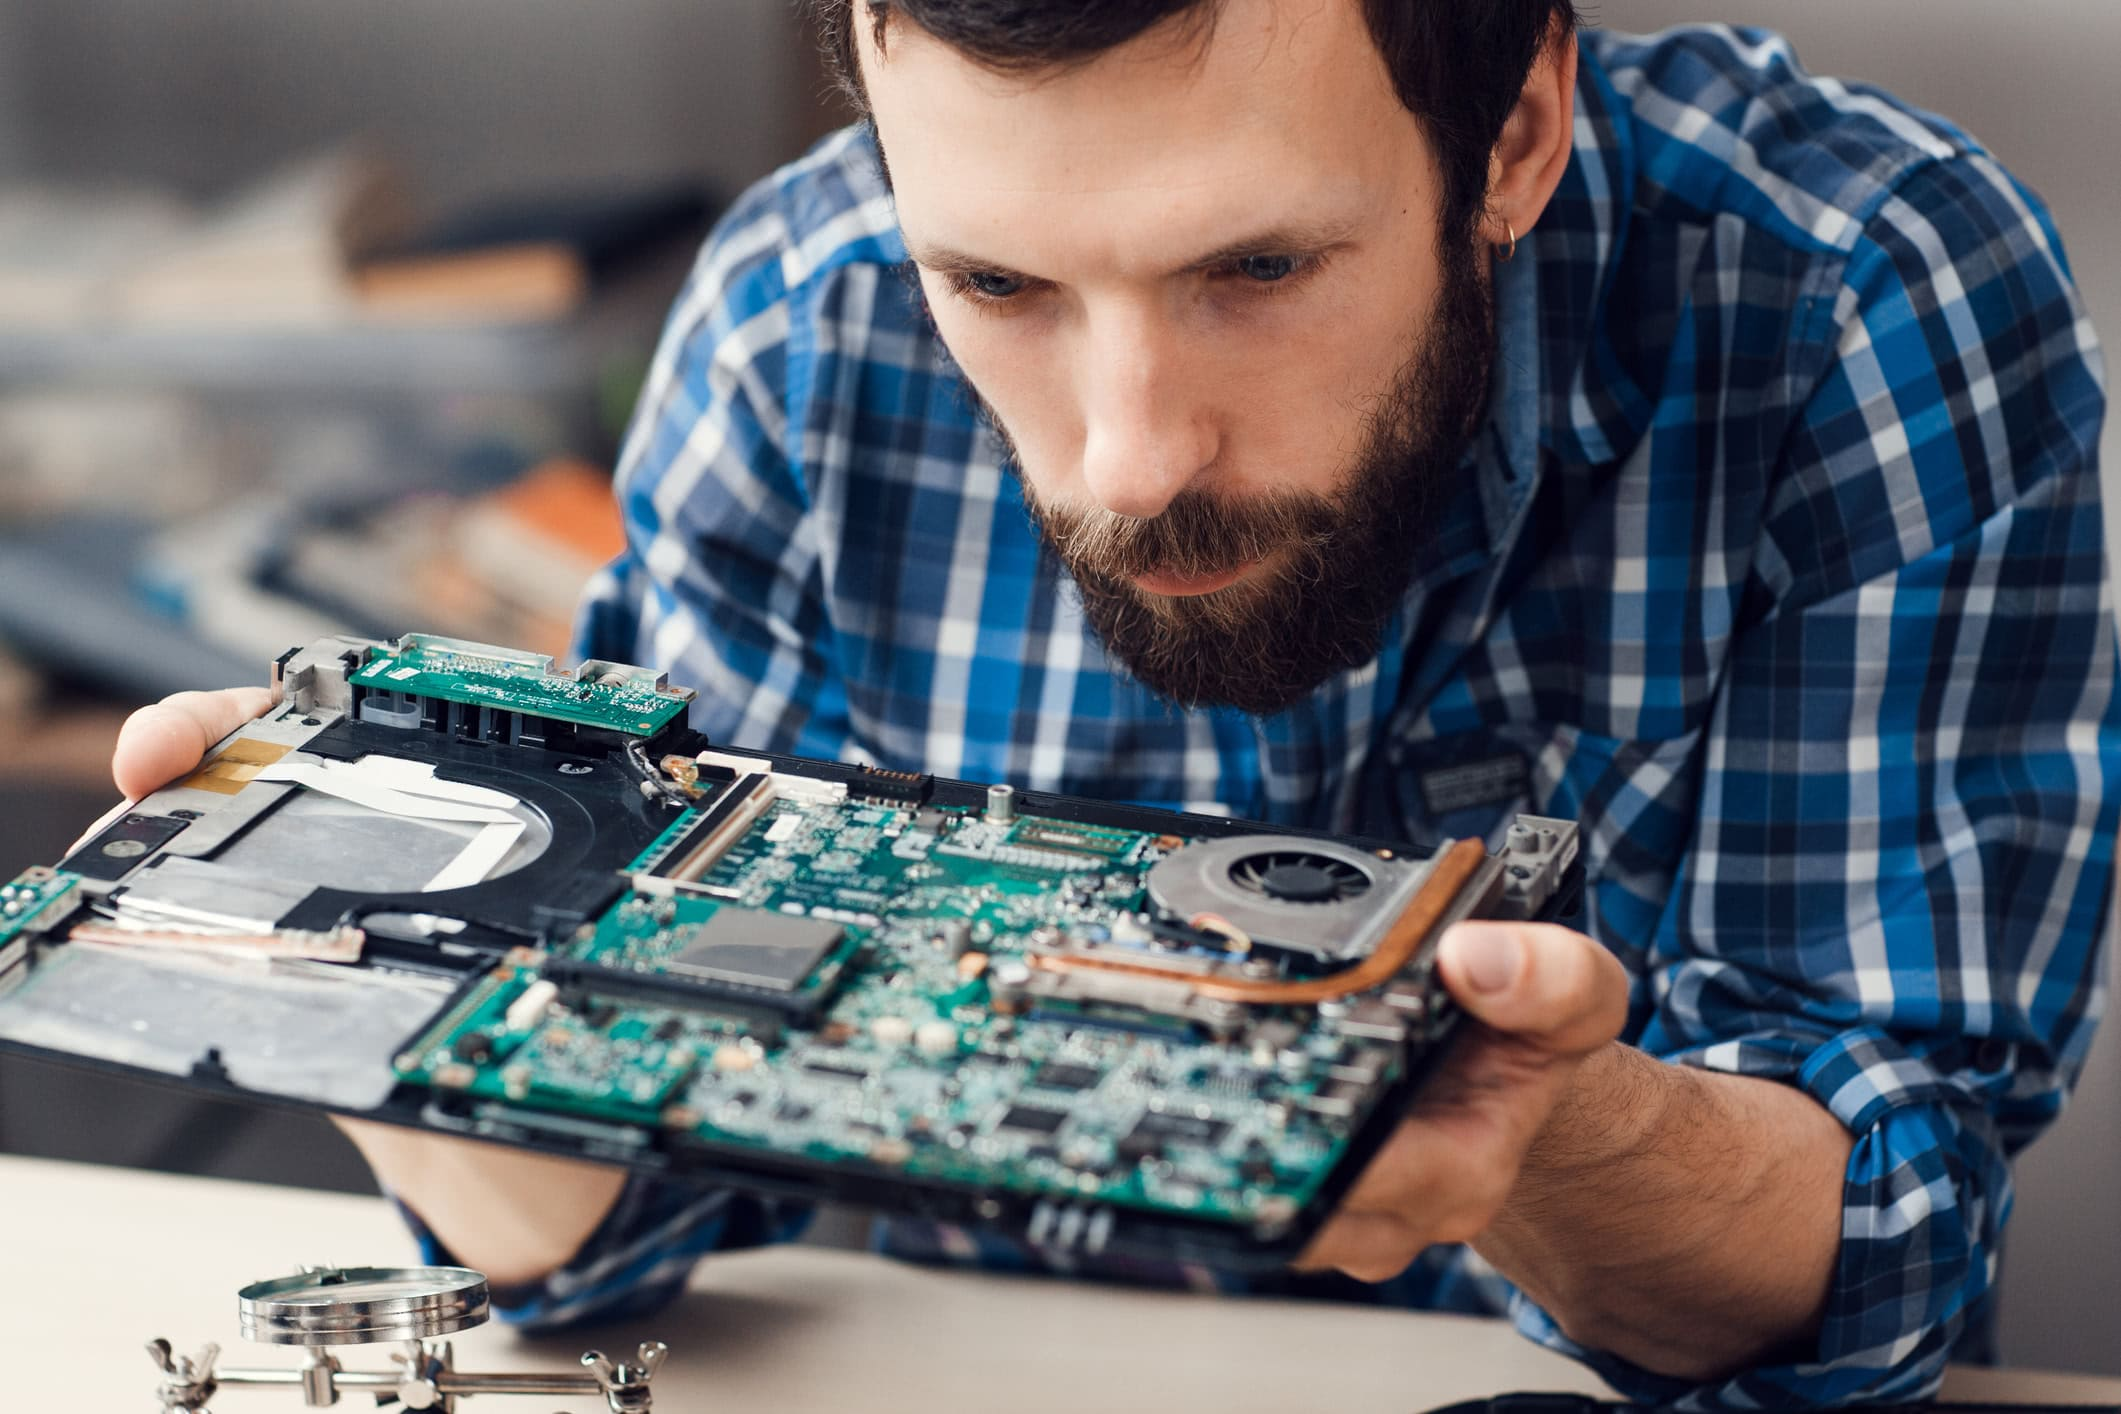 Срок службы бытовой техники хотят увеличить до 10 лет